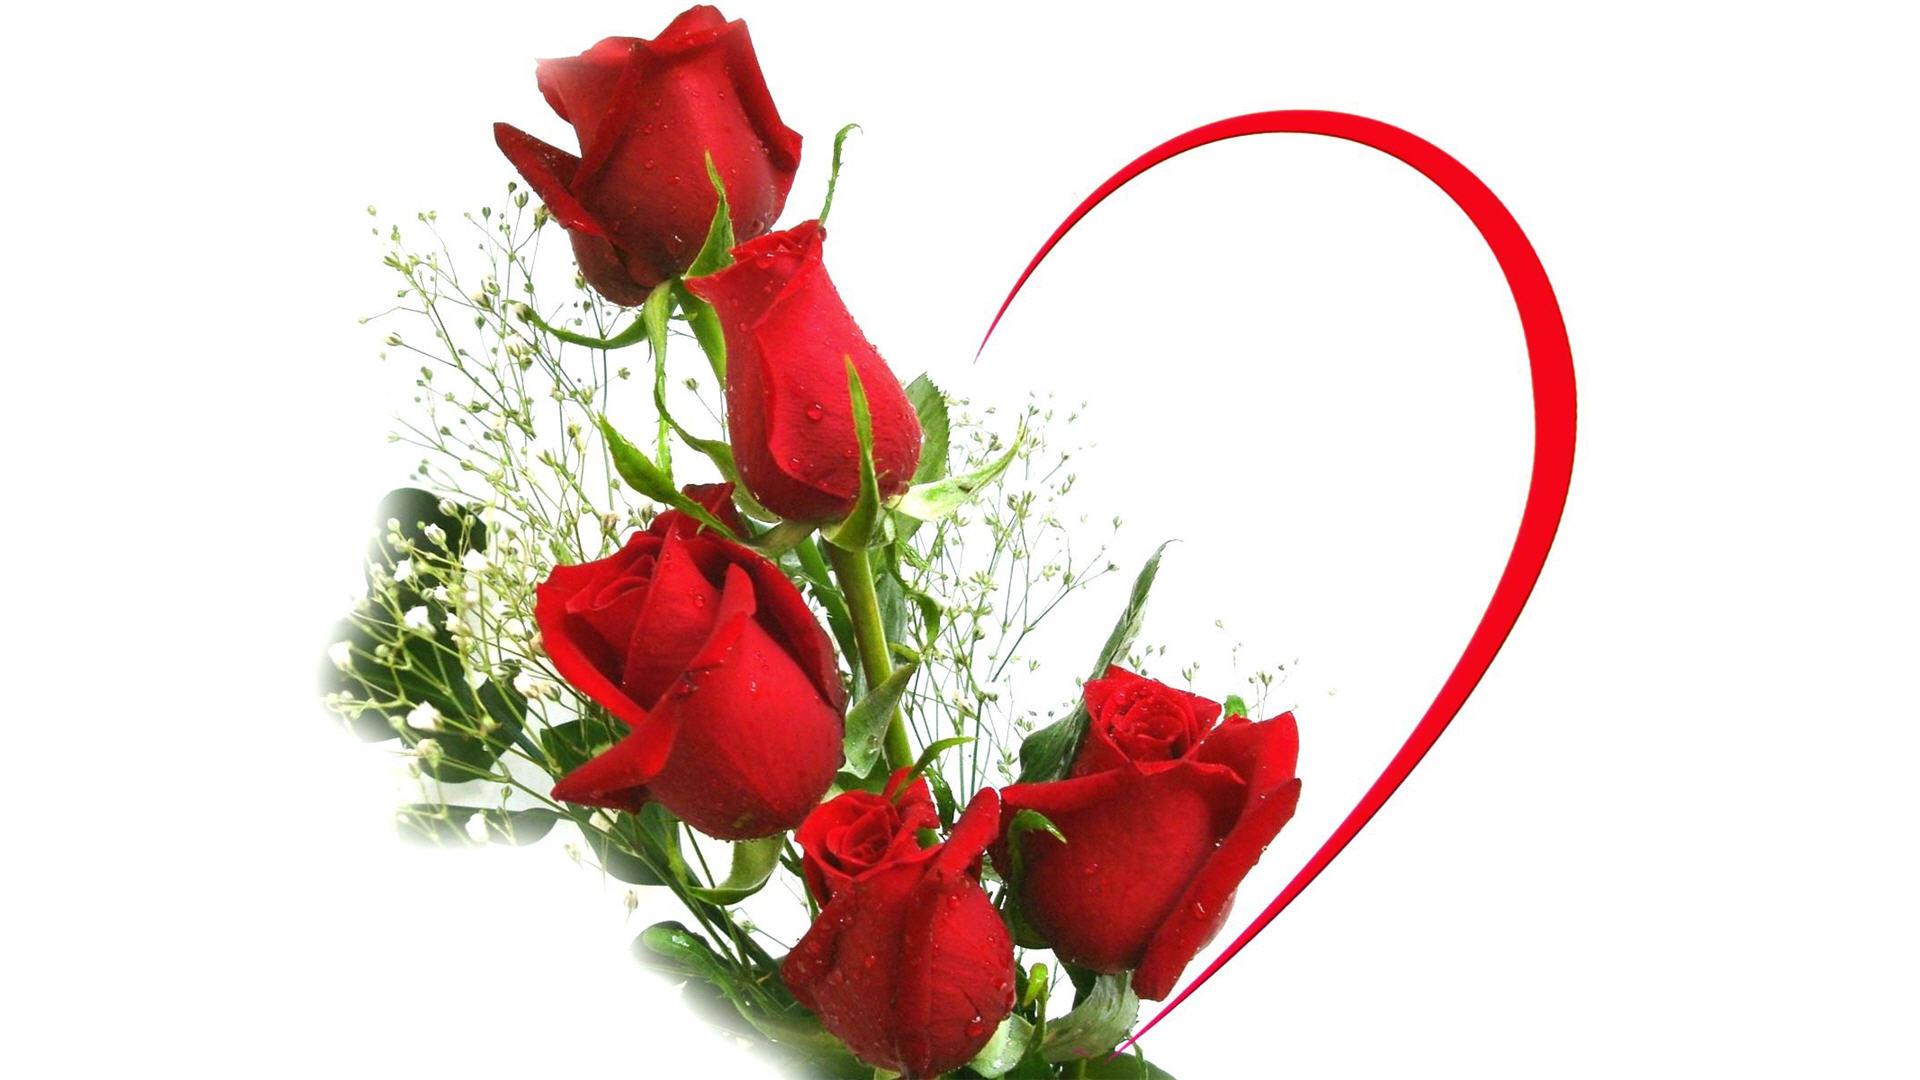 Картинки бестолочь, цветы для тебя картинки красивые на фоне